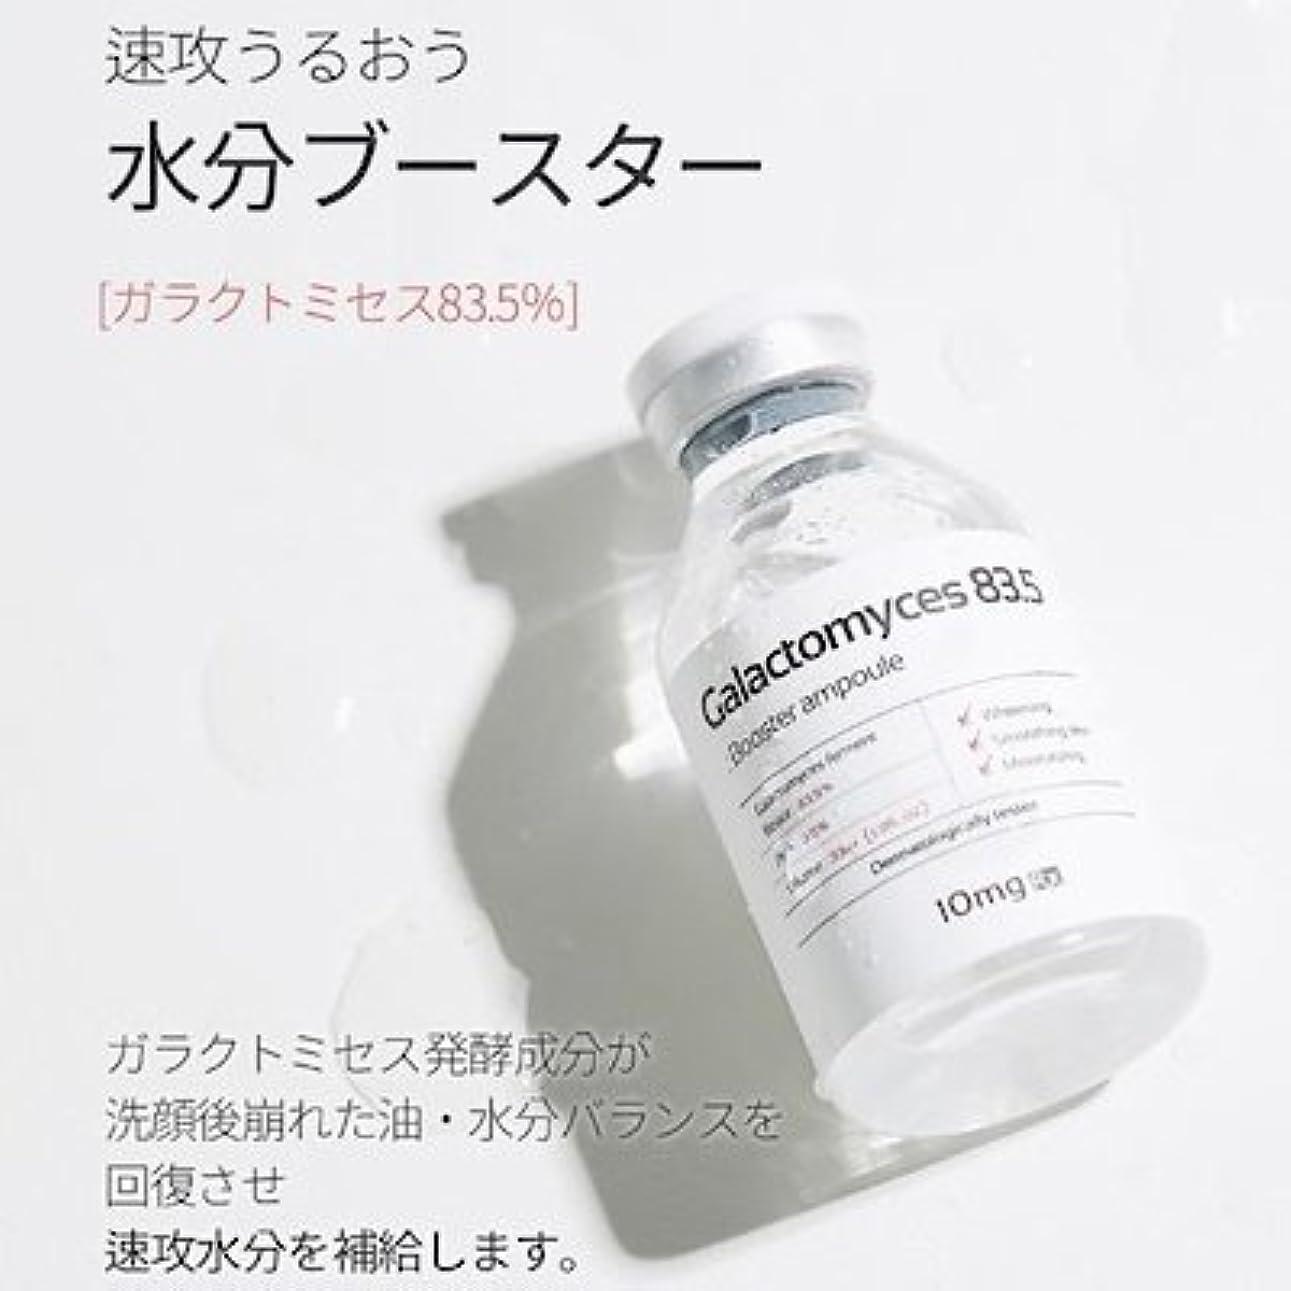 一方、立場消す[10mgRx]/韓国コスメ/★Galactomyces83.5% PHA 3.5%★/ガスラクトエッセンス/酵母発酵ろ過水発酵ろ過水/皮膚の色の管理/にきび ブースターアンプル33ml [並行輸入品]